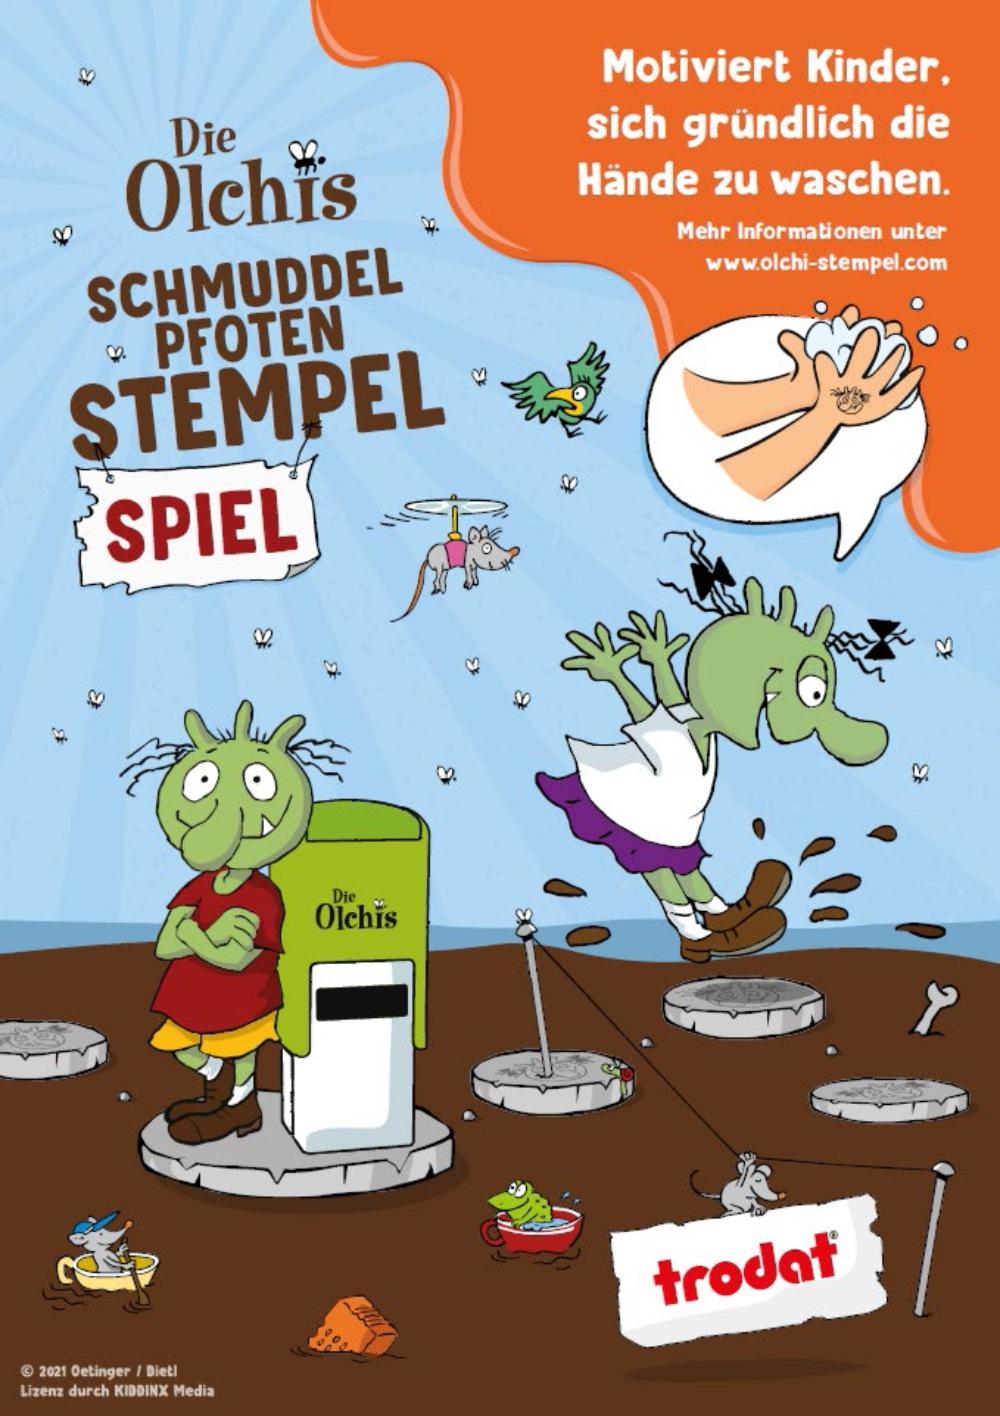 Olchis Schmuddelpfoten Stempel und Spiel Handhygiene Stempel motiviert das Händewaschen